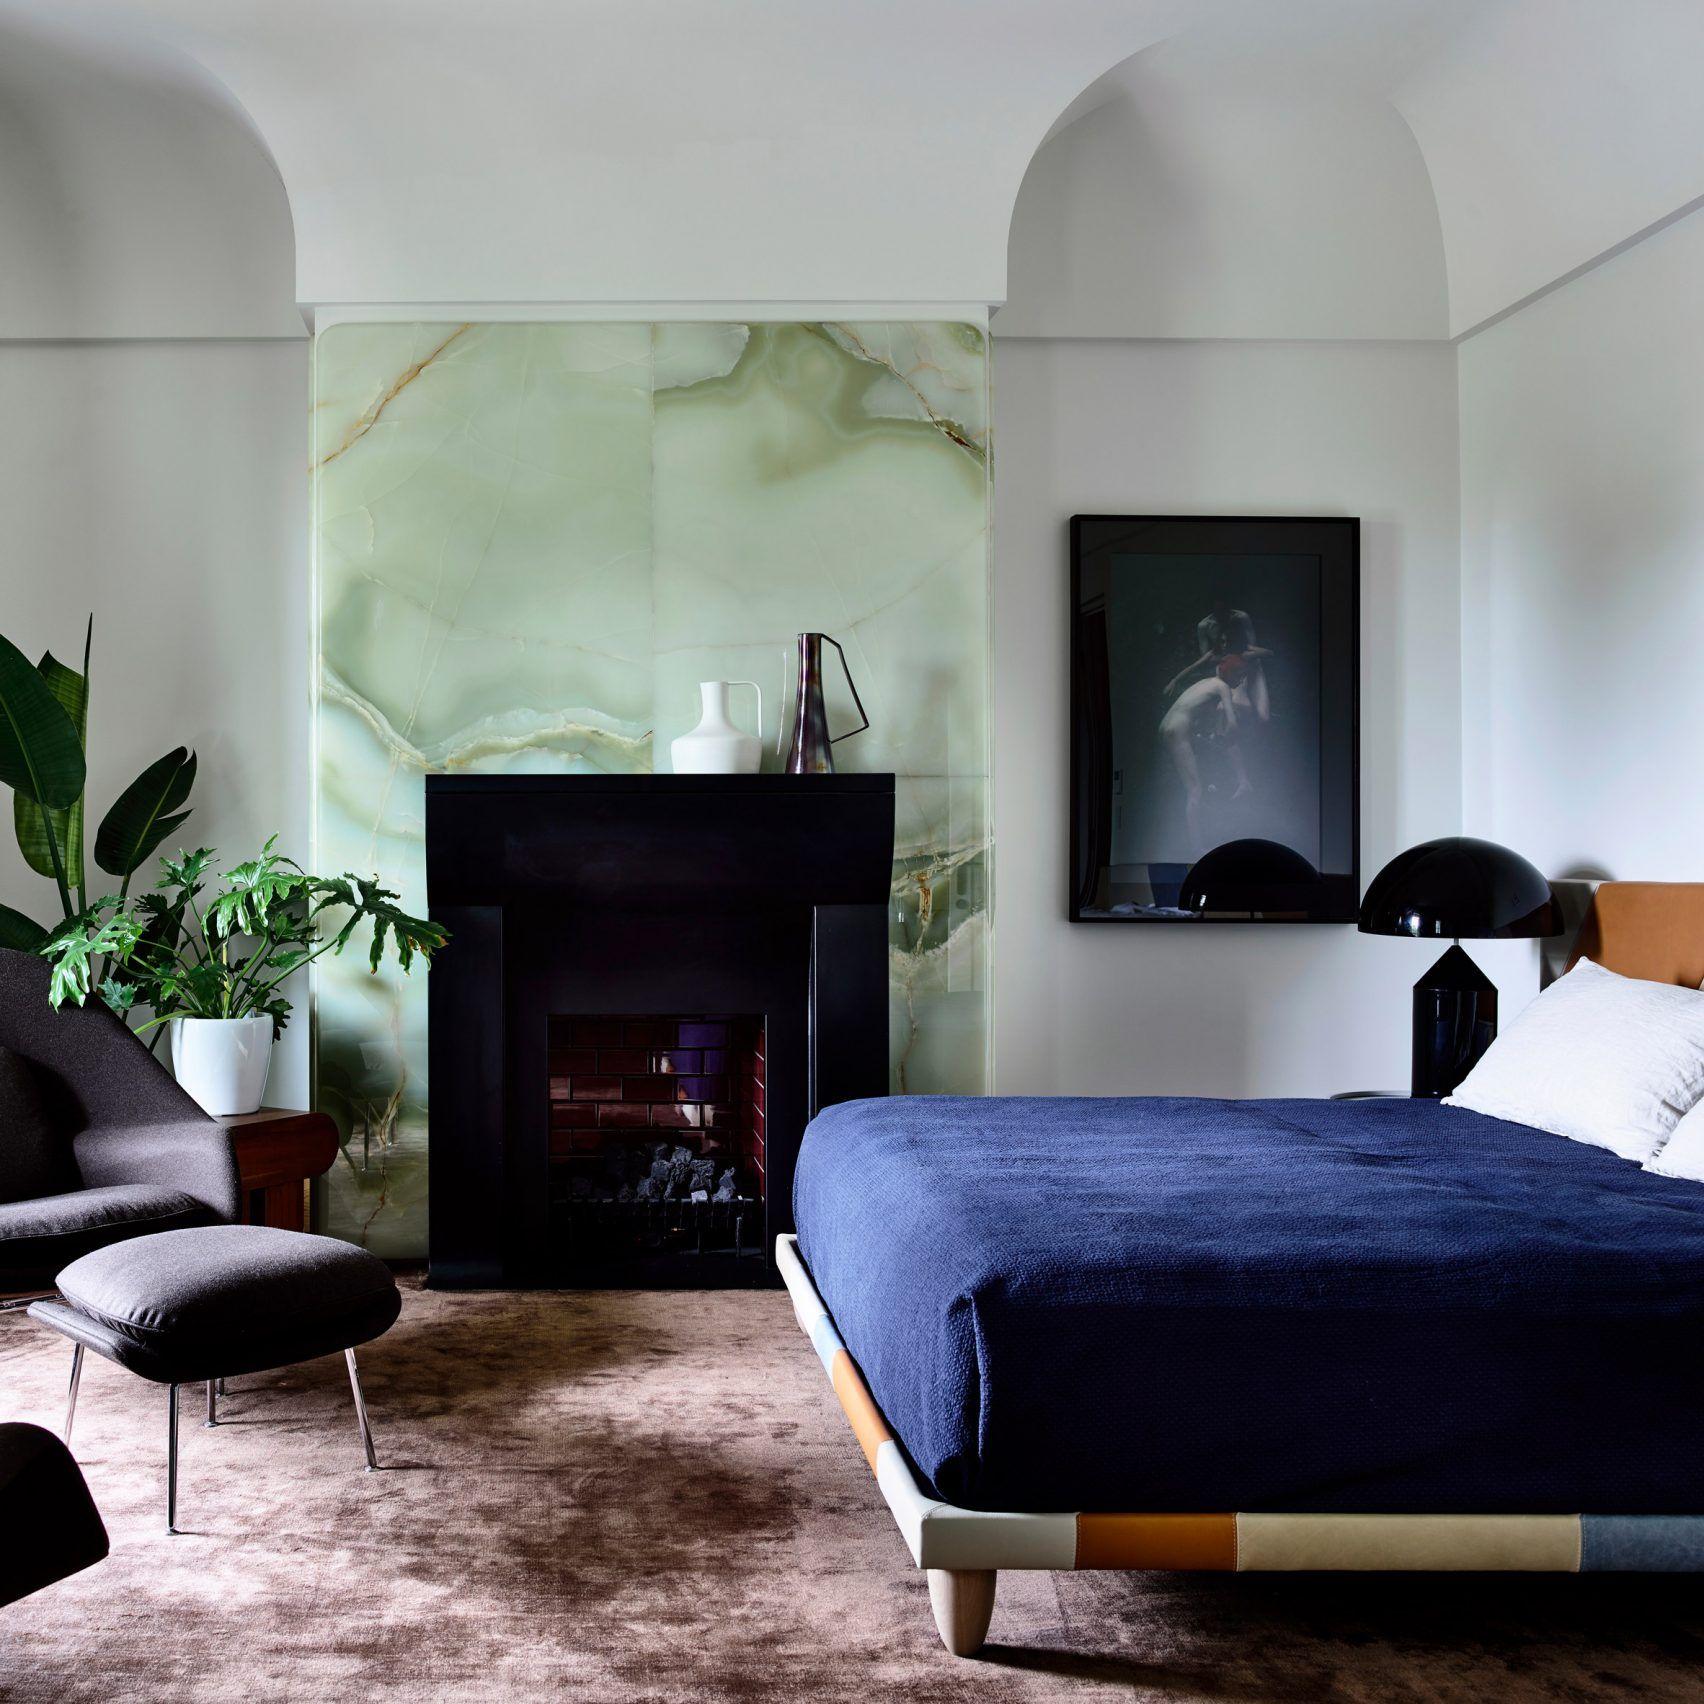 Photo derek swalwell sweet home make interior decoration design ideas decor also rh pinterest